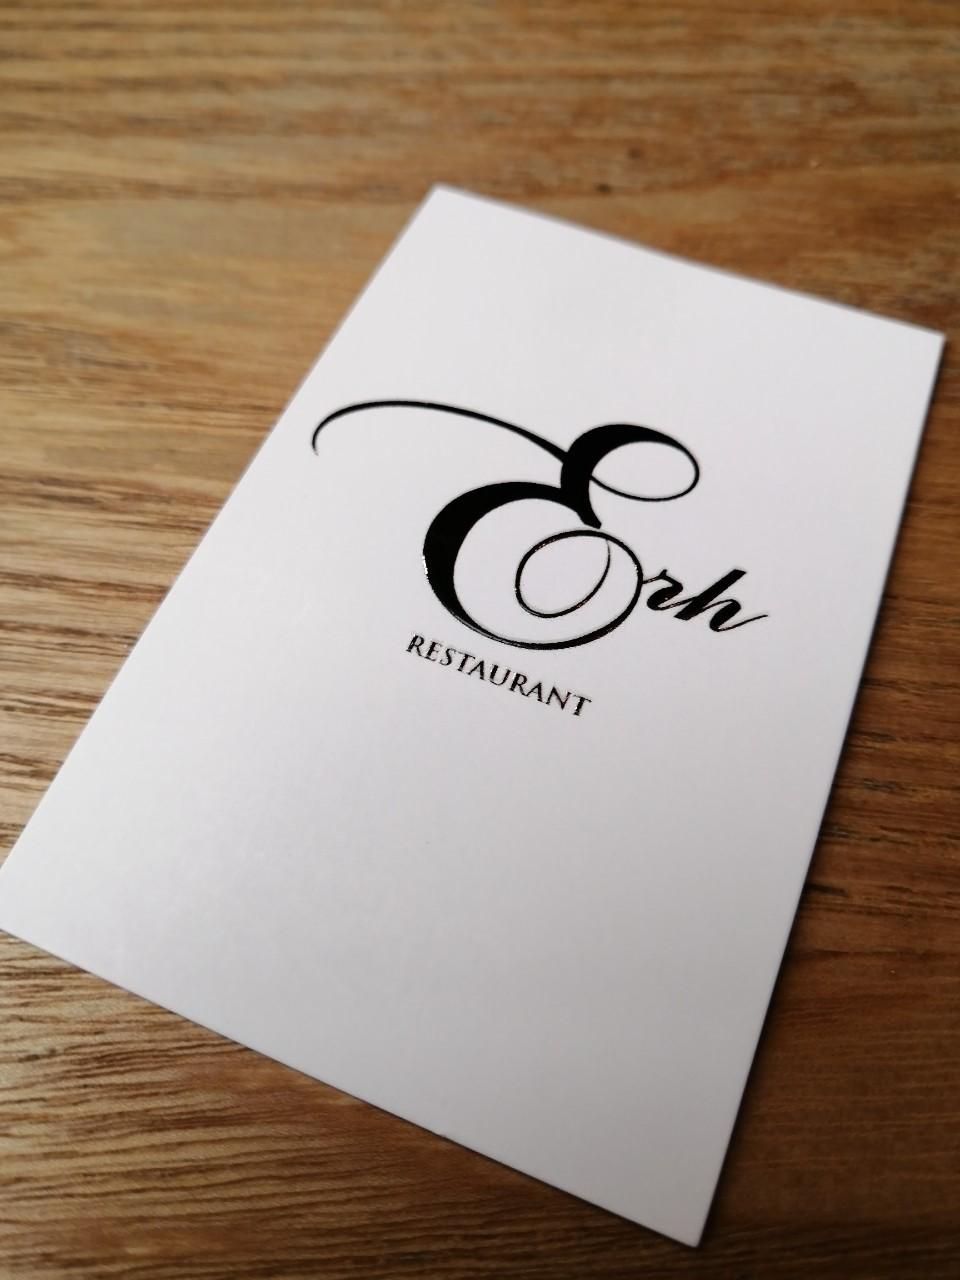 パリ 日本人シェフの店 Restaurant ERH_b0060363_19510279.jpg